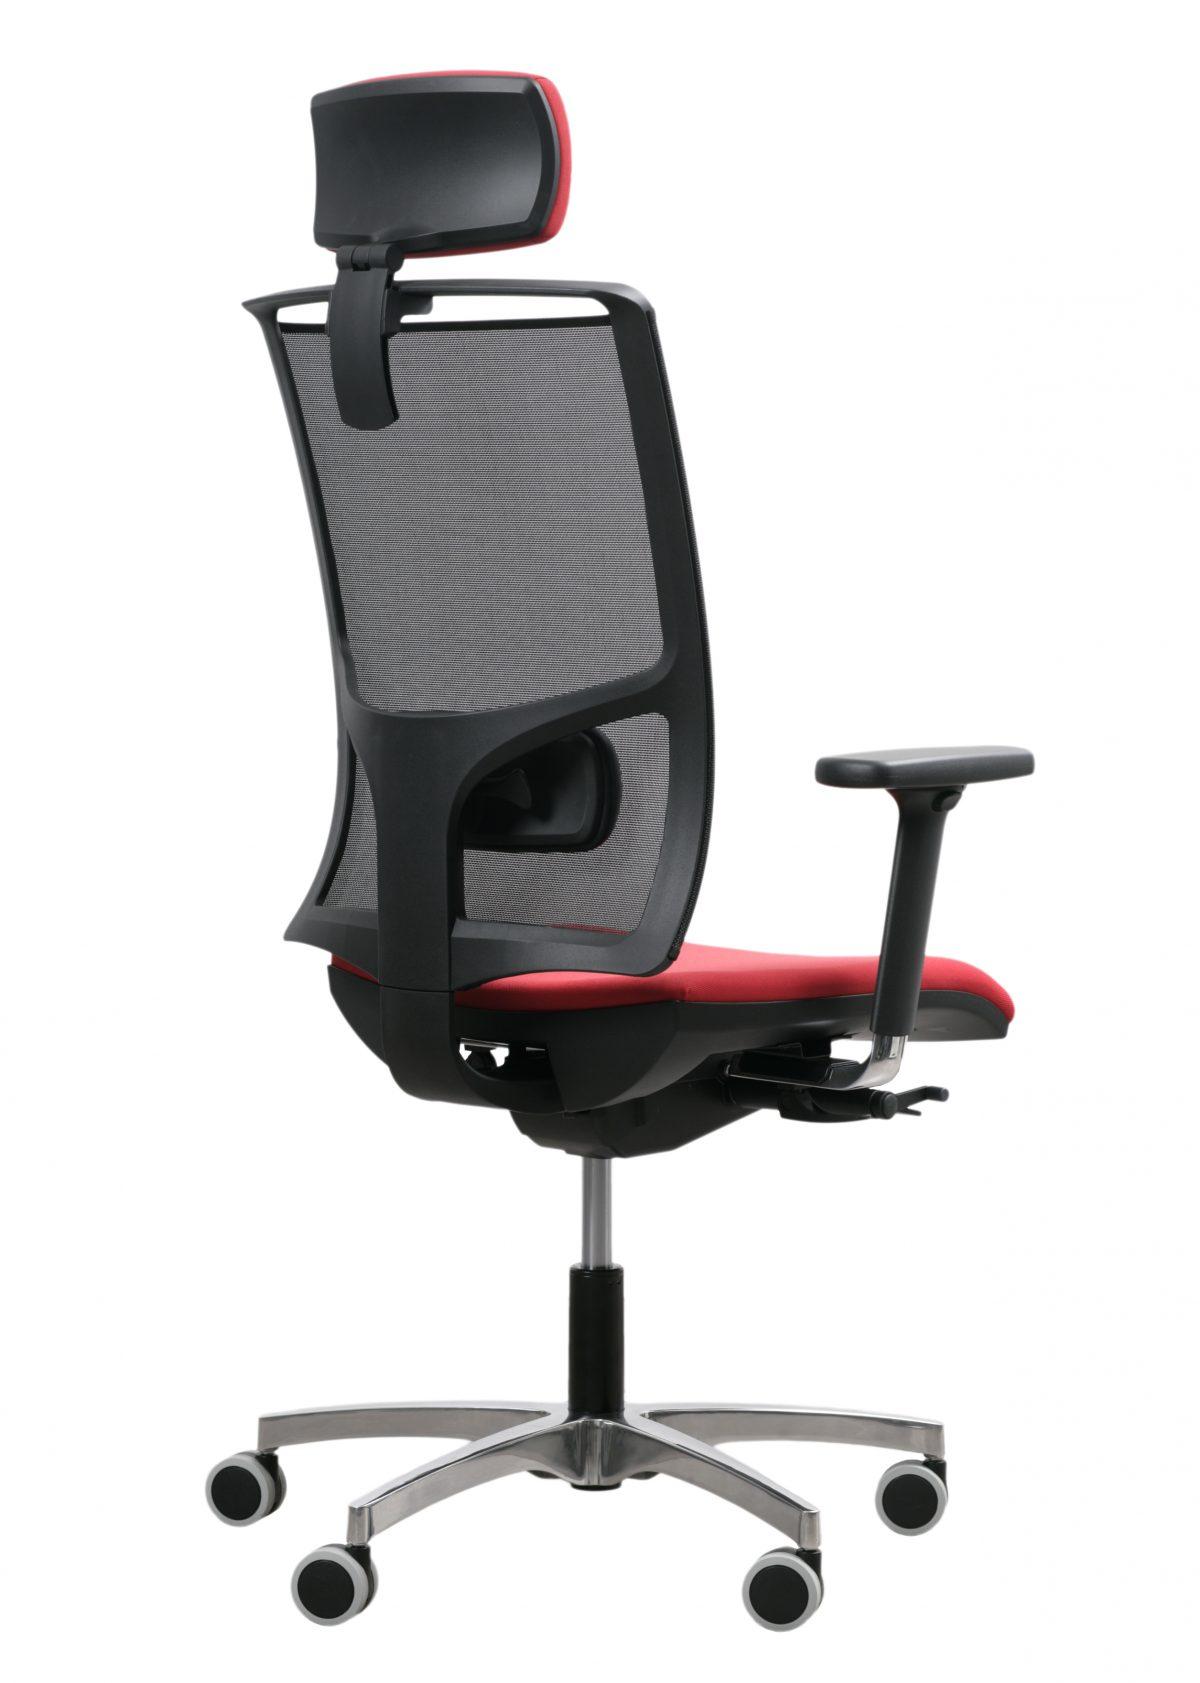 Ventajas de la silla de oficina con respaldo de malla